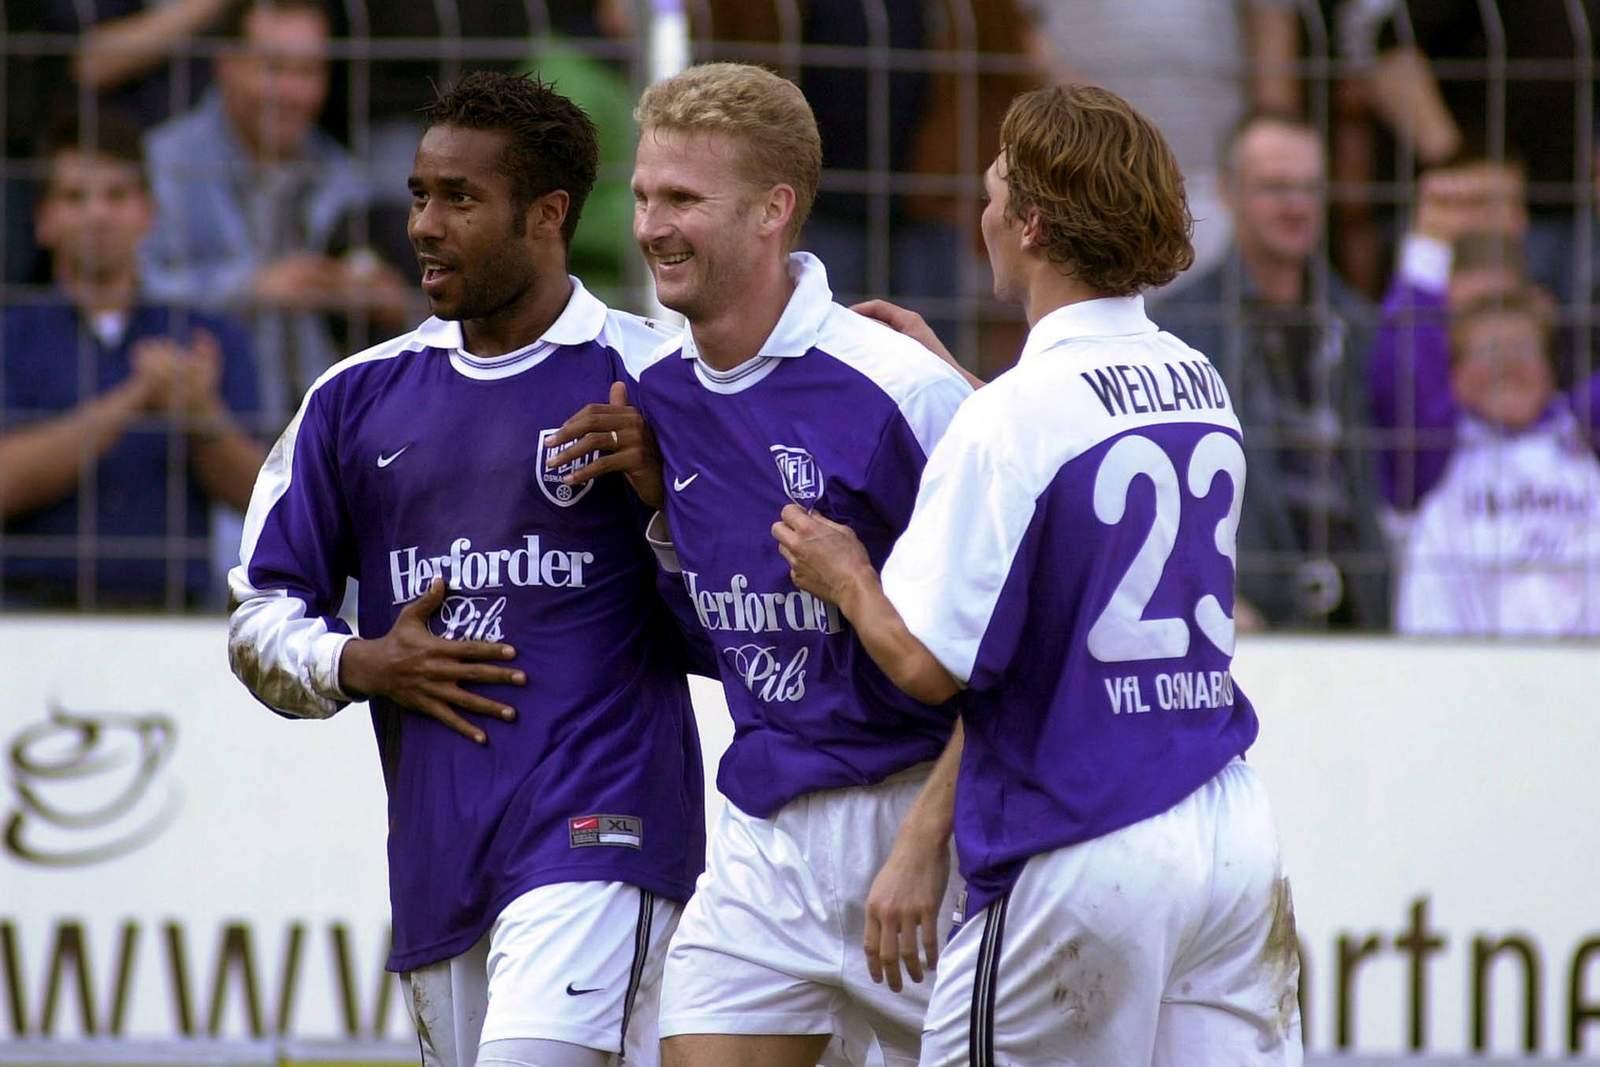 Daniel Thioune, Christian Claaßen und Dennis Weiland beim VfL Osnabrück